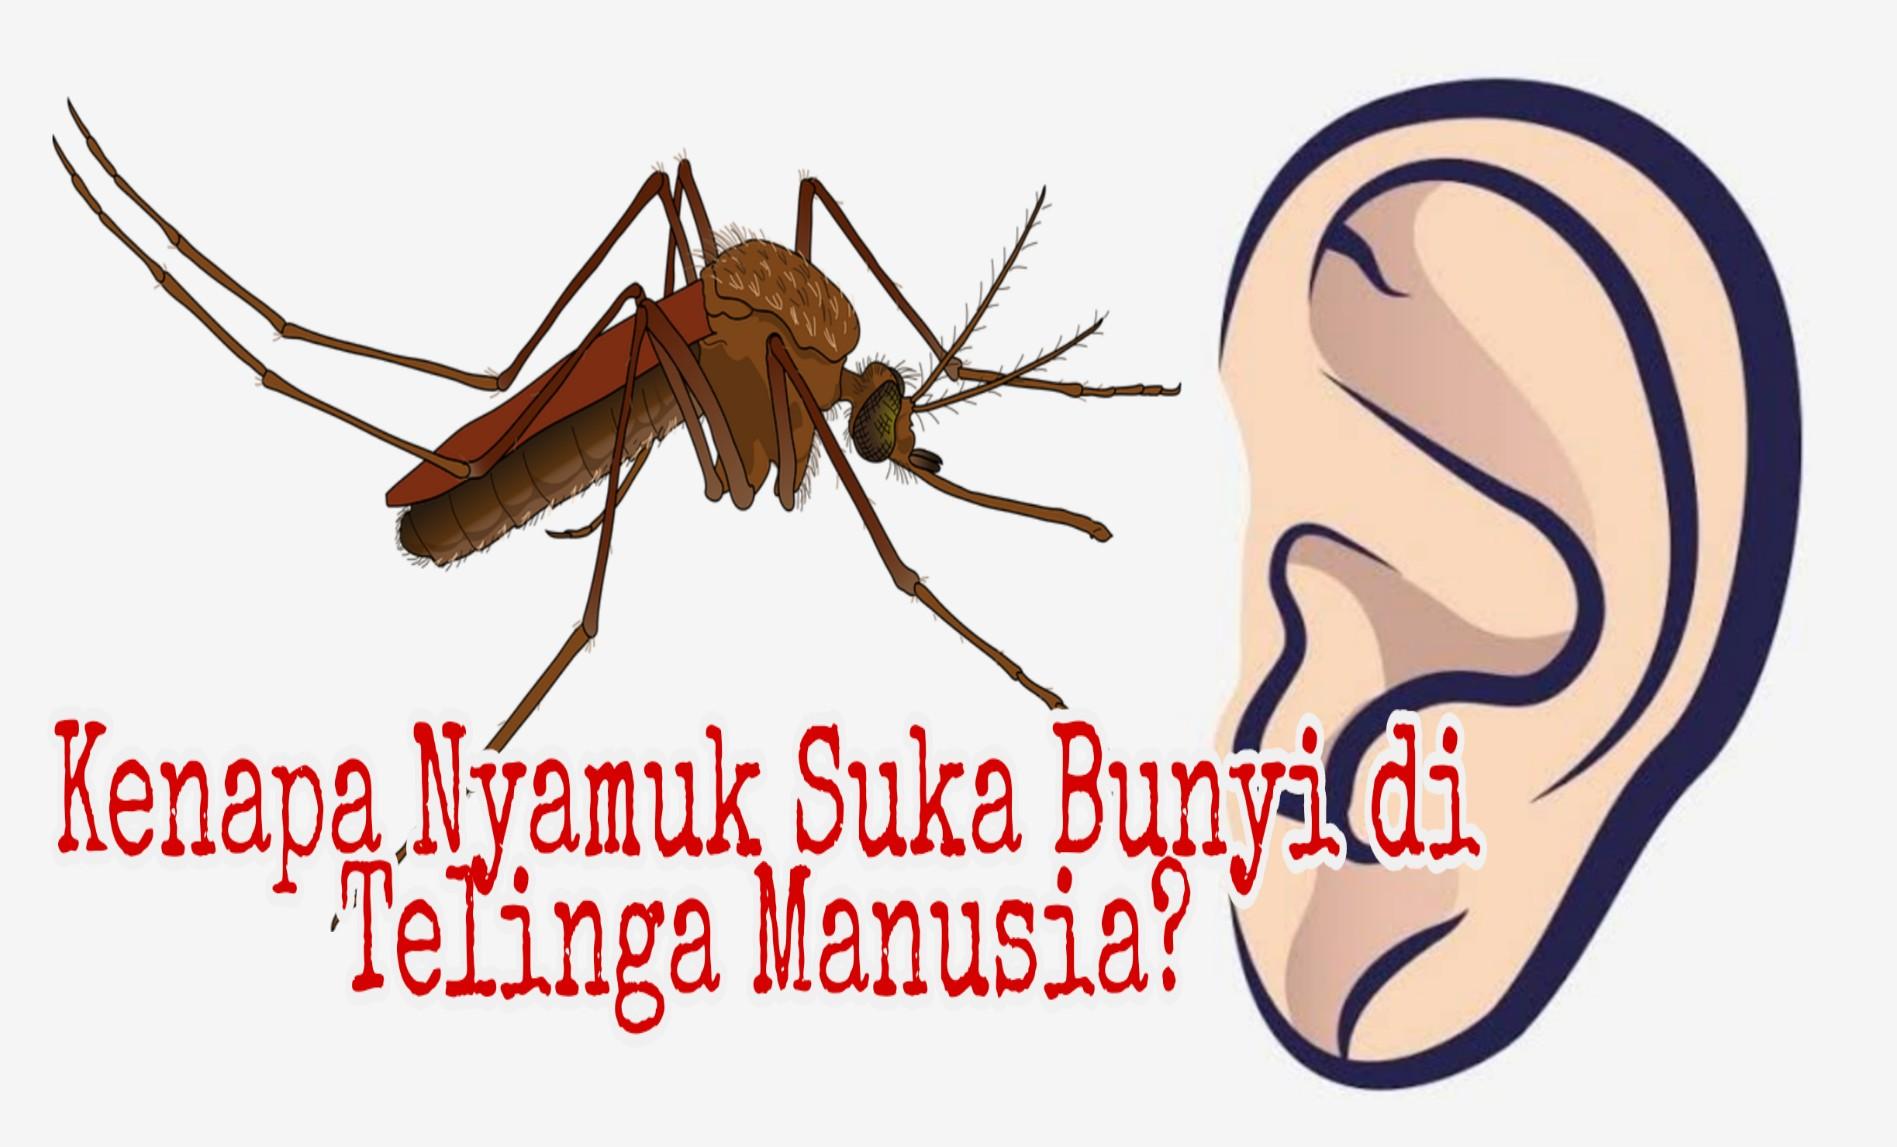 Kenapa Nyamuk Suka Bunyi di Telinga Manusia?